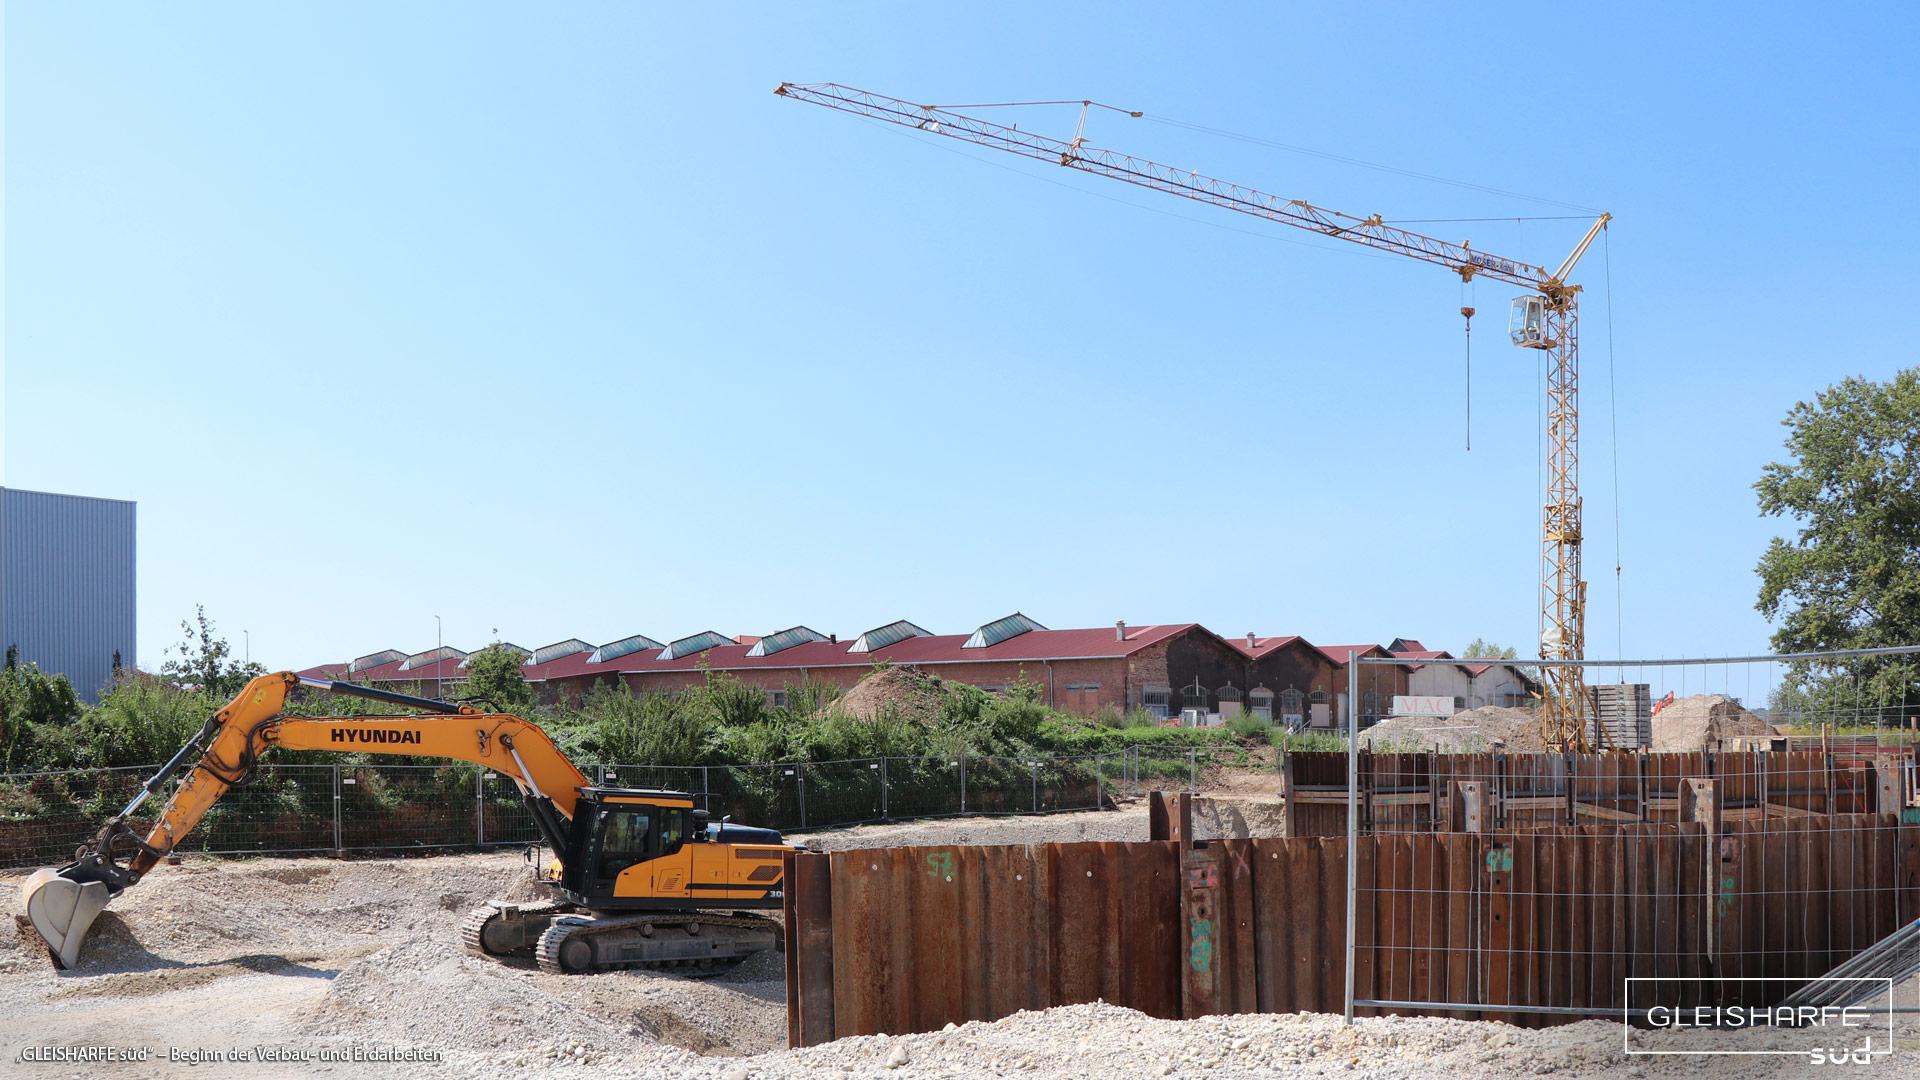 """""""GLEISHARFE süd"""" in München-Neuaubing: Jetzt Beginn der Verbau- und Erdarbeiten"""